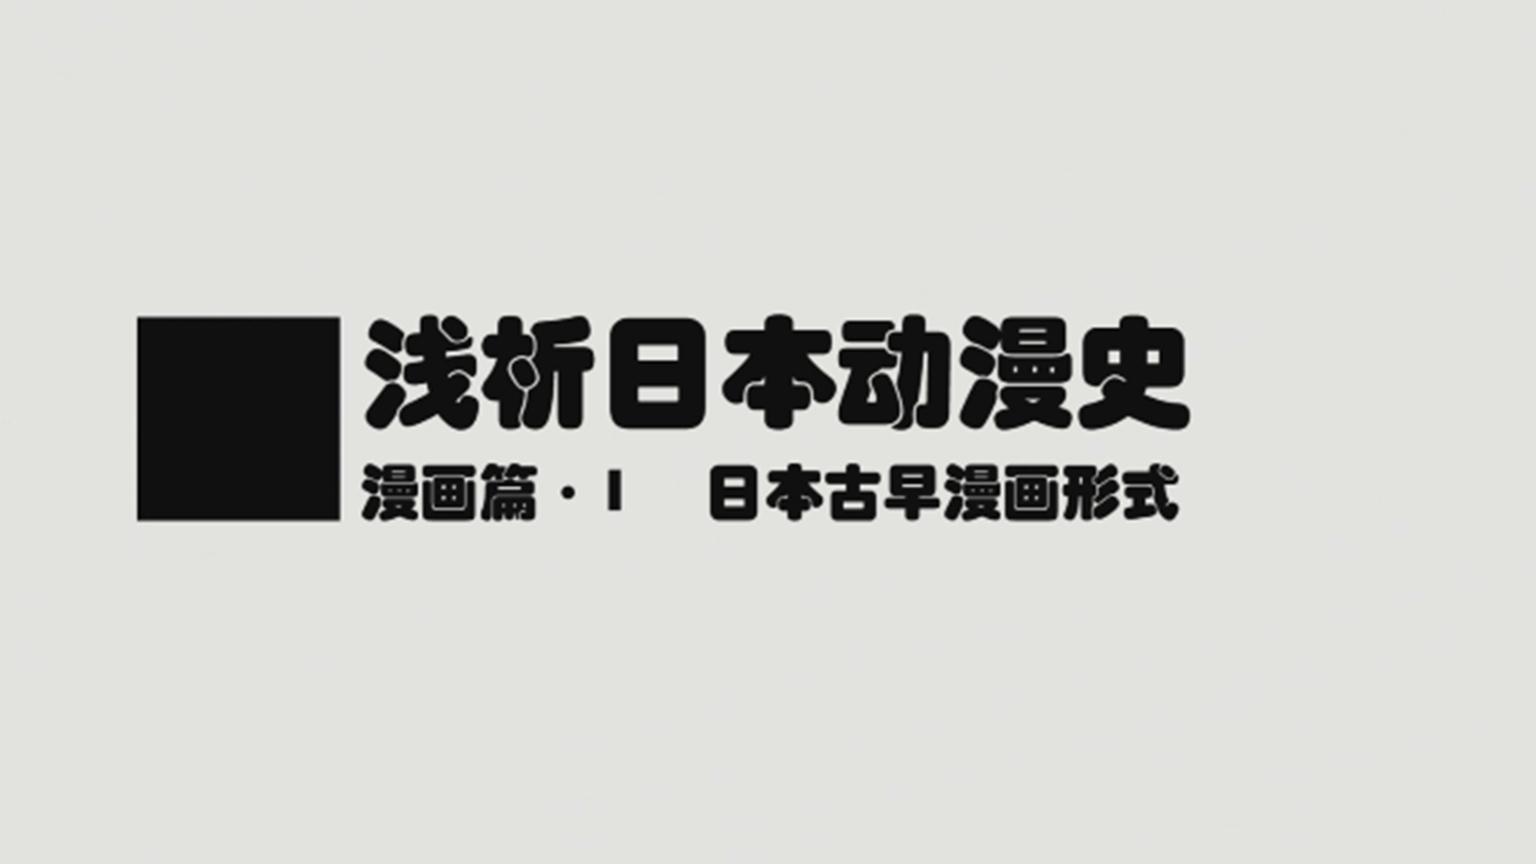 【浅析动漫史2】古早漫画形式